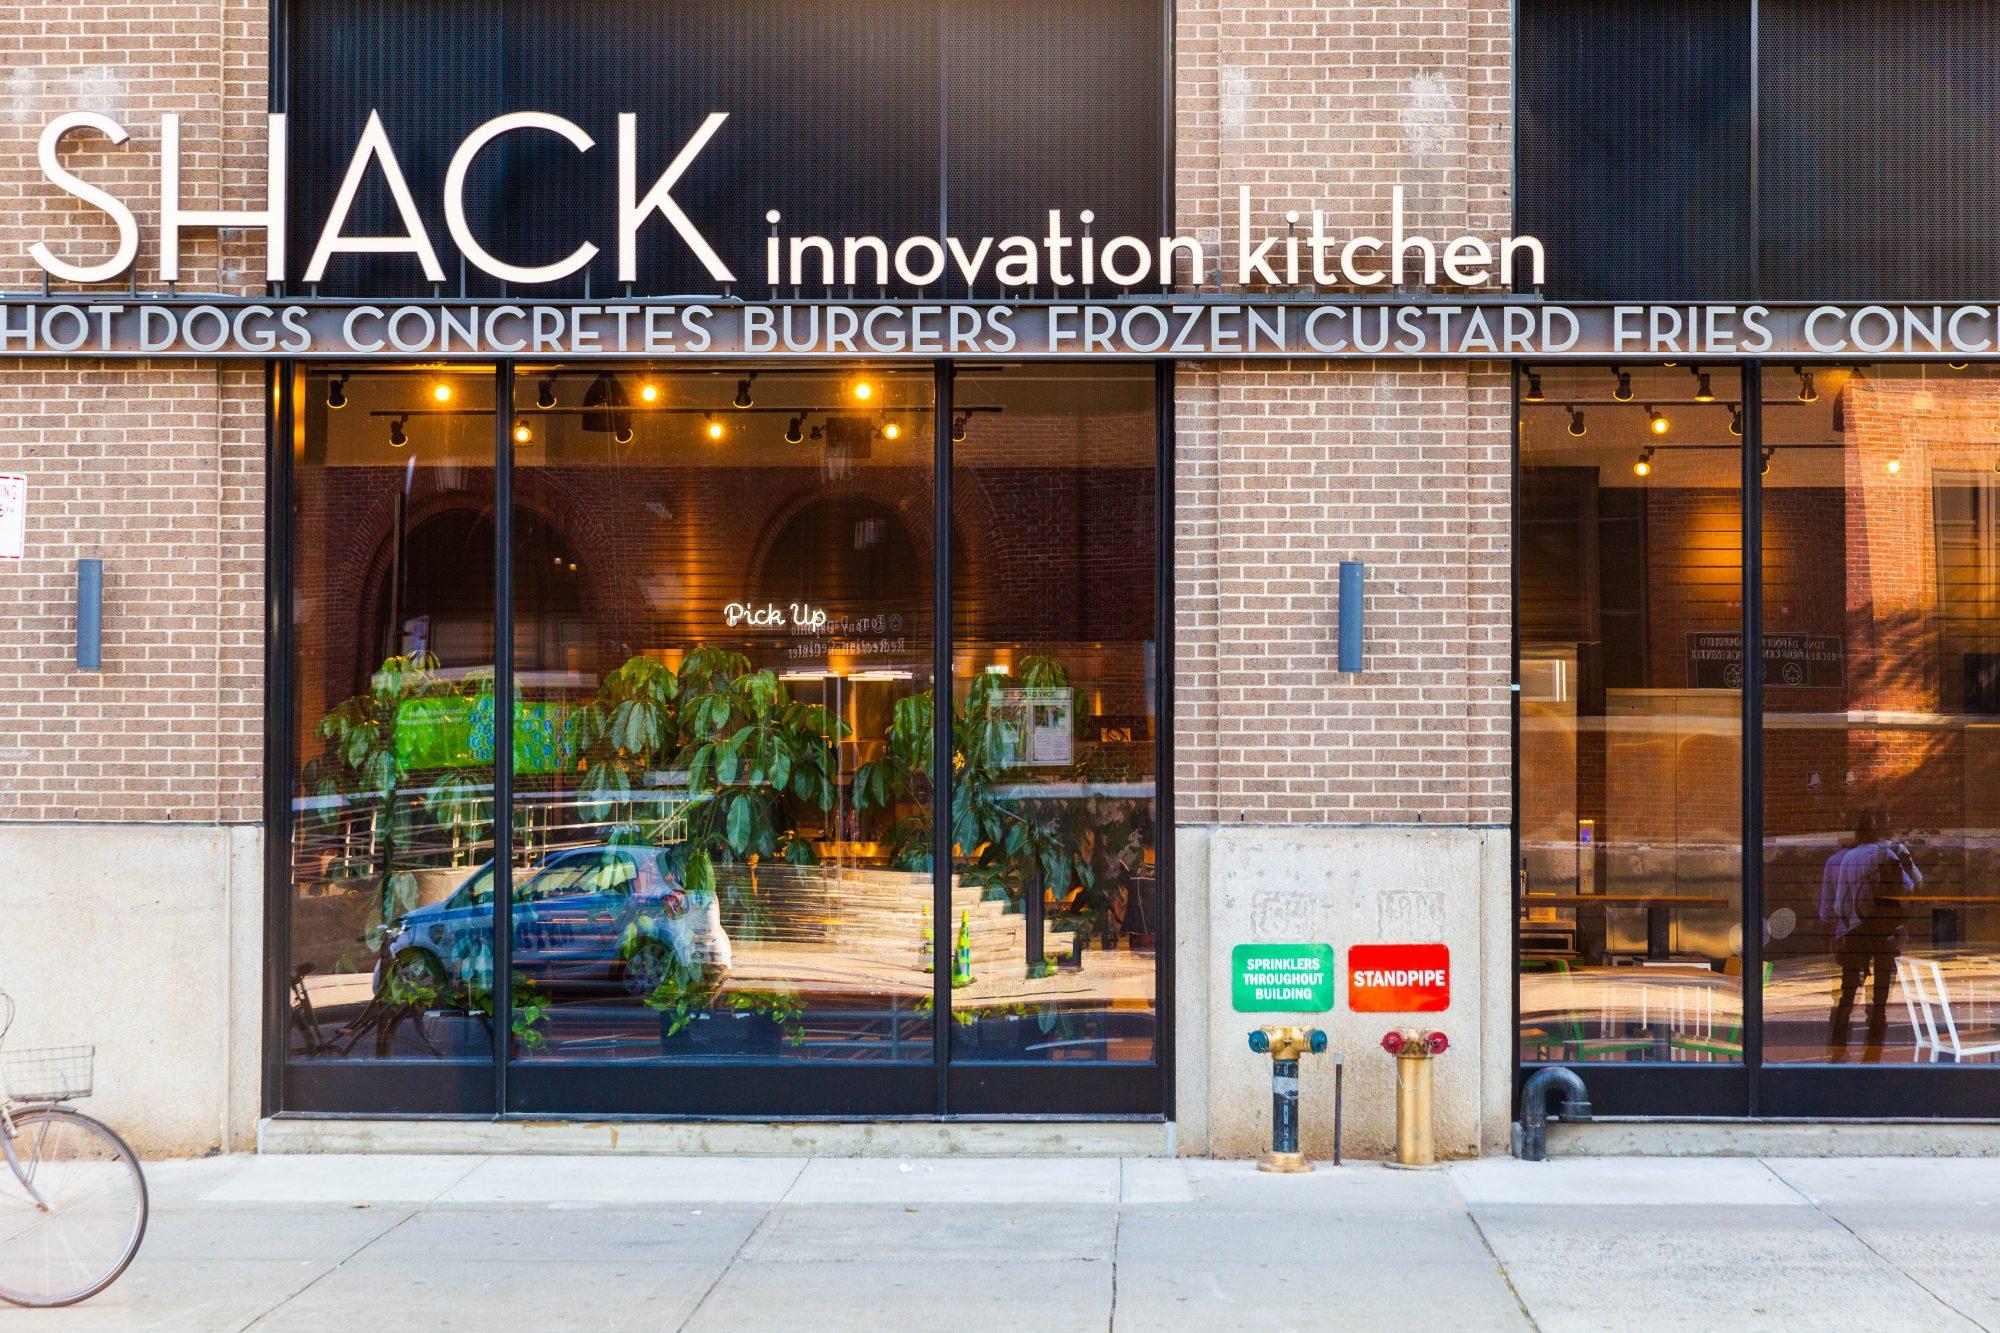 Shake Shack Innovation Kitchen